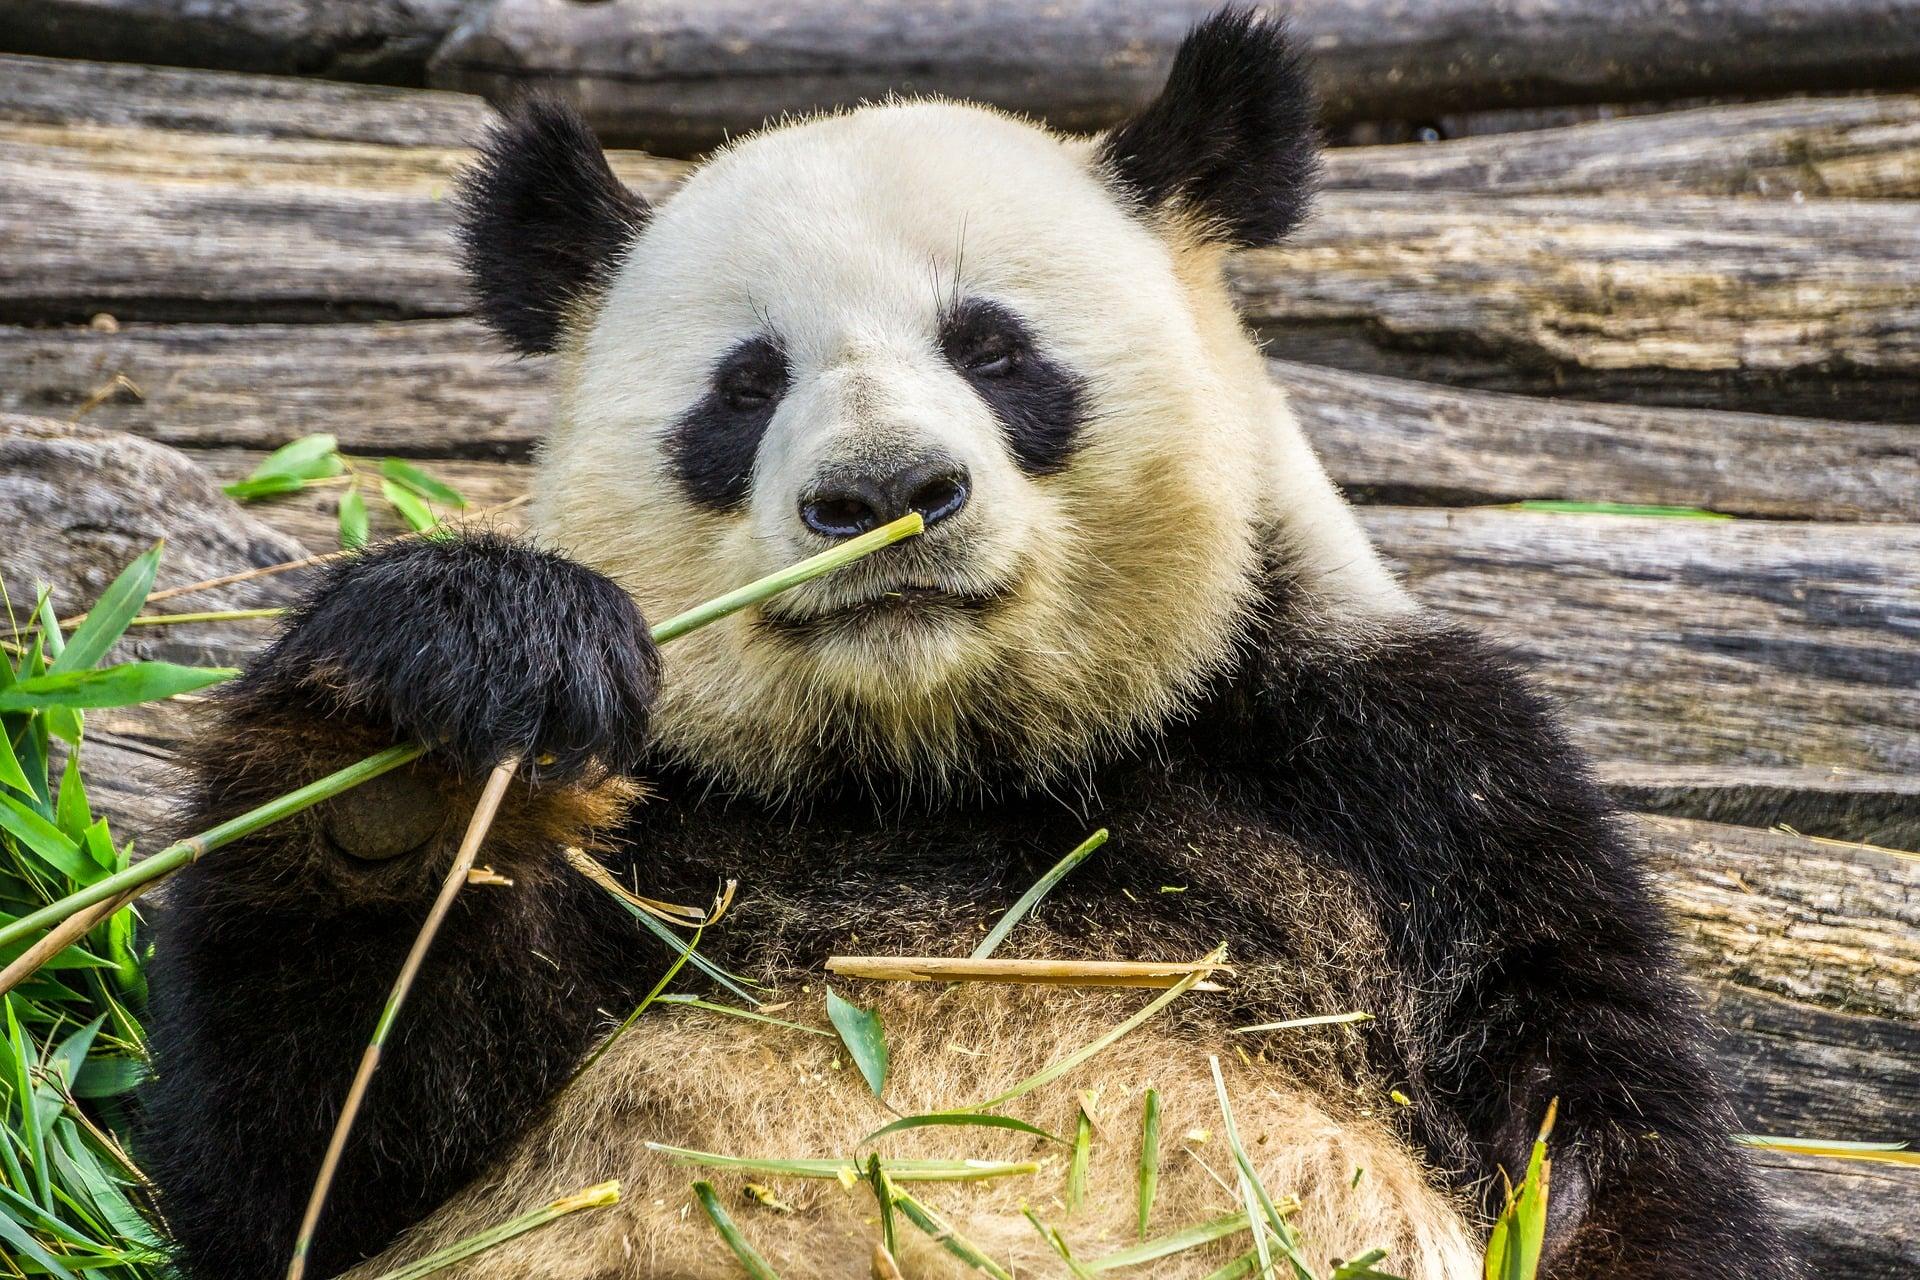 Jest już aplikacja do rozpoznawania pysków chińskich pand